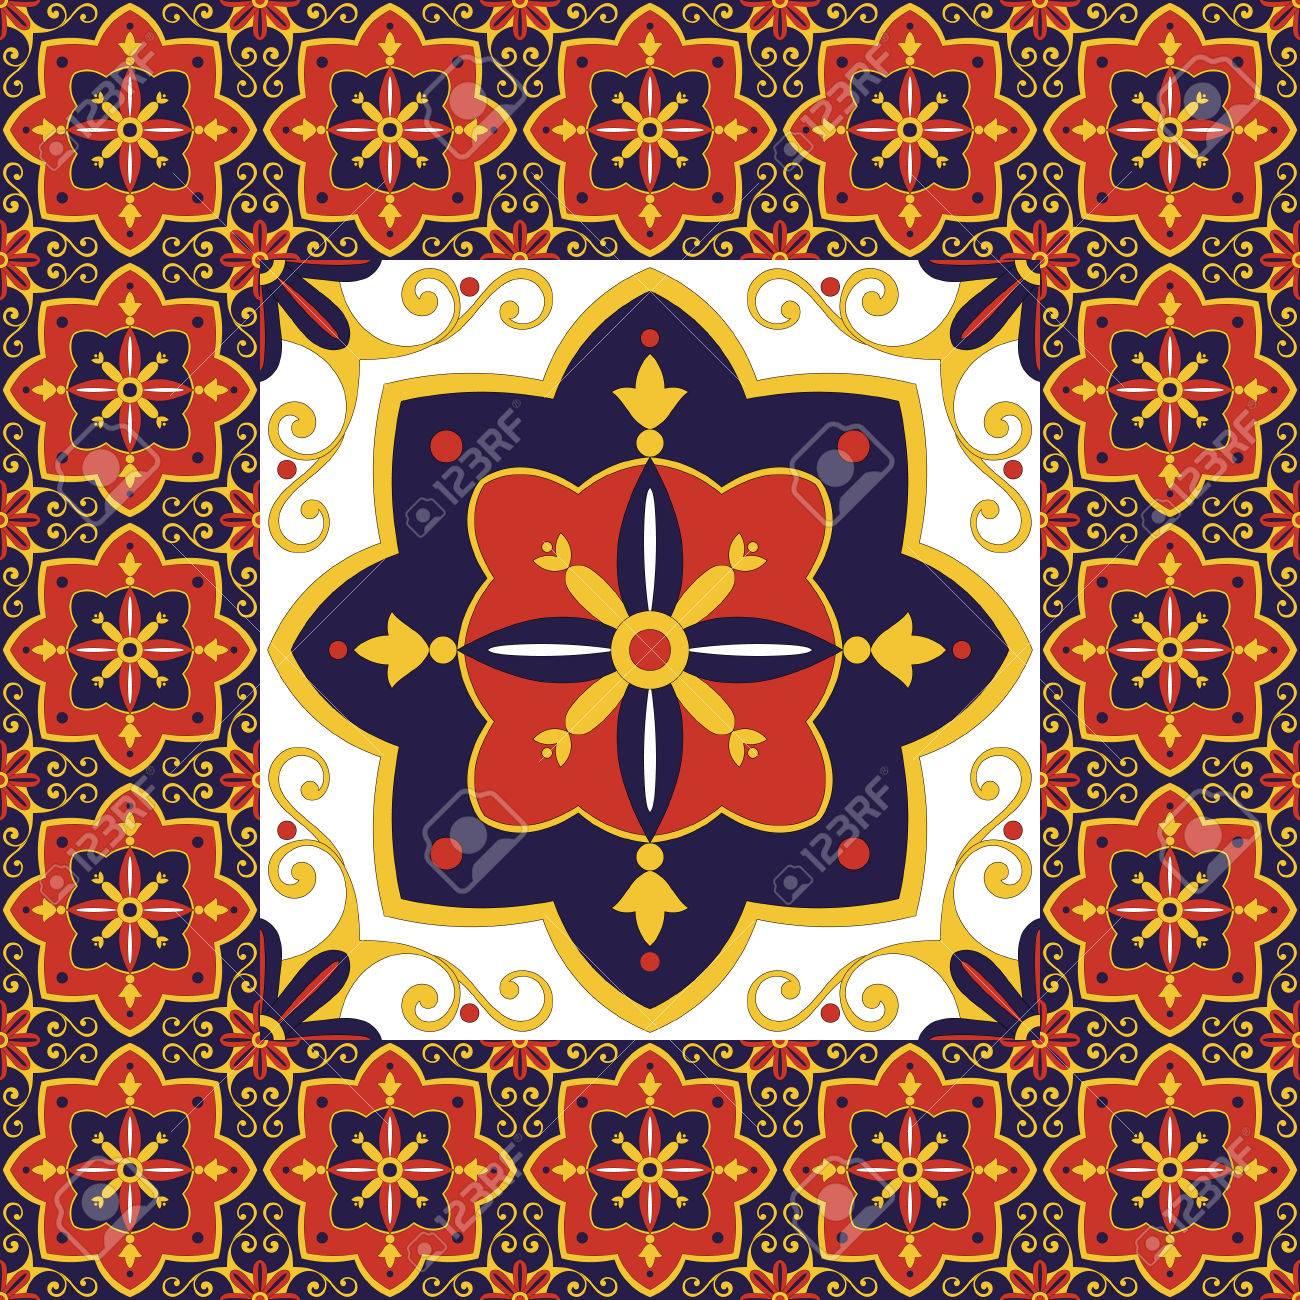 Fliesen Boden Vintage Muster Vektor Mit Keramik Zementfliesen - Fliesen wie zementfliesen